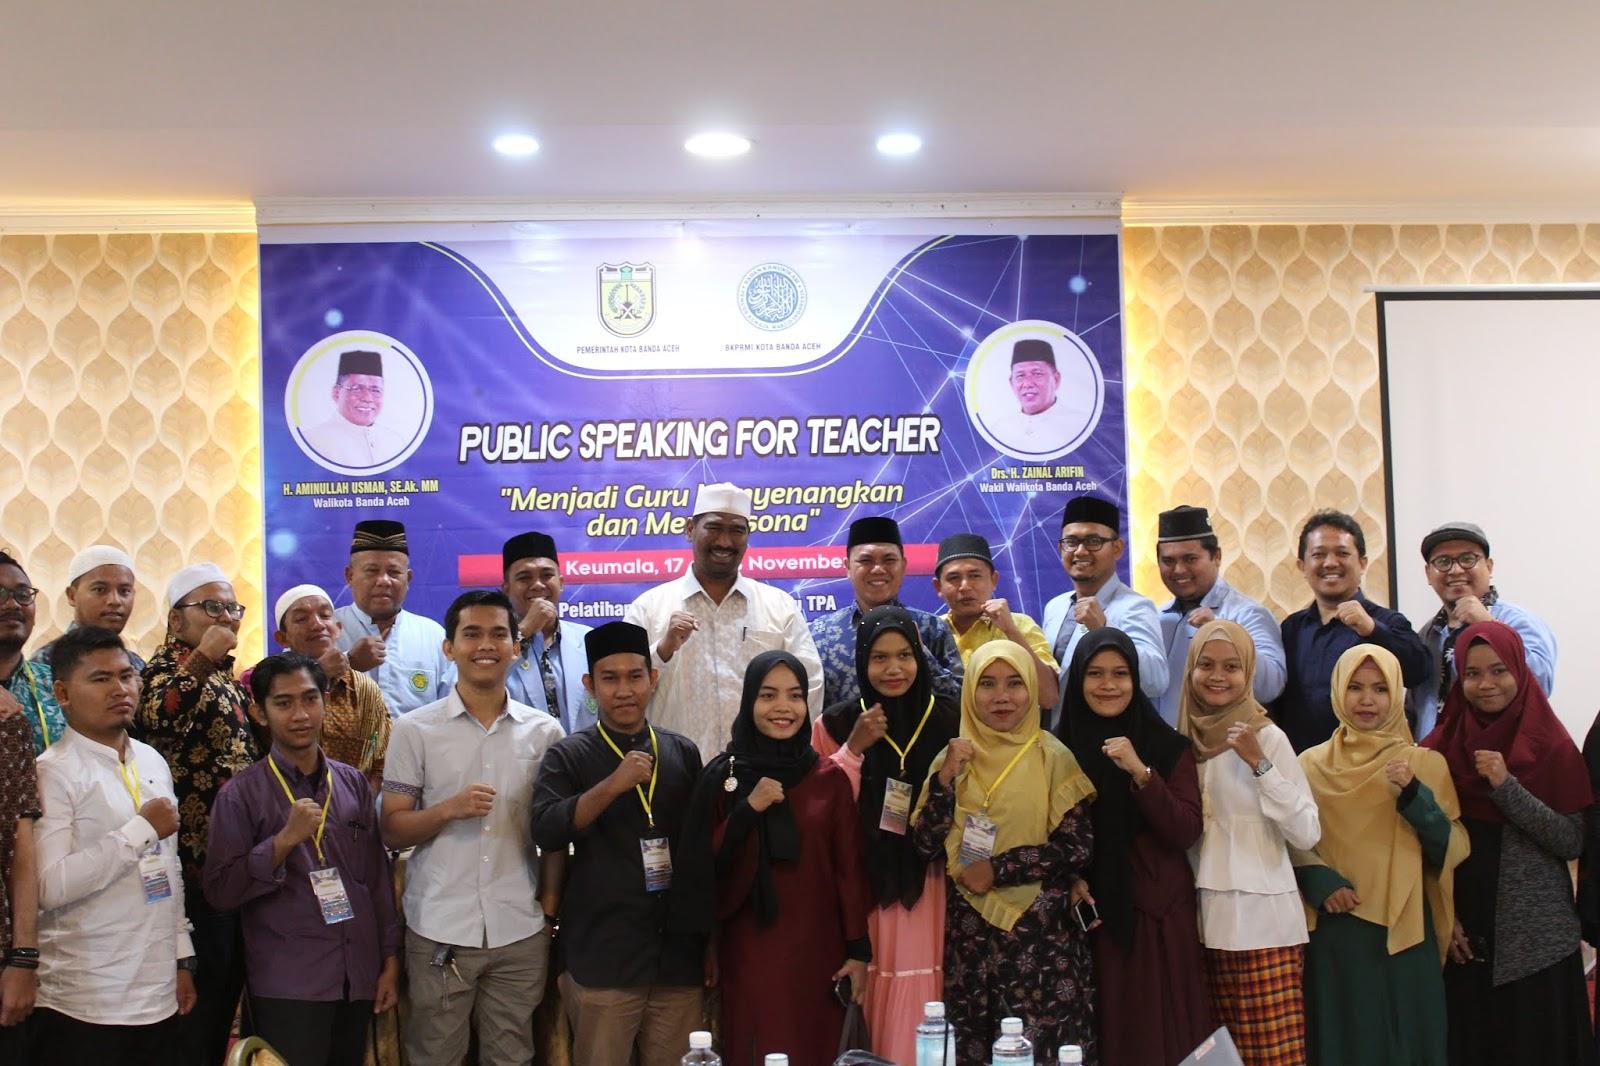 Berfikir Dan Berjiwa Besar Disdik Dayah Banda Aceh Laksanakan Pelatihan Public Speaking Bagi Guru Tpa